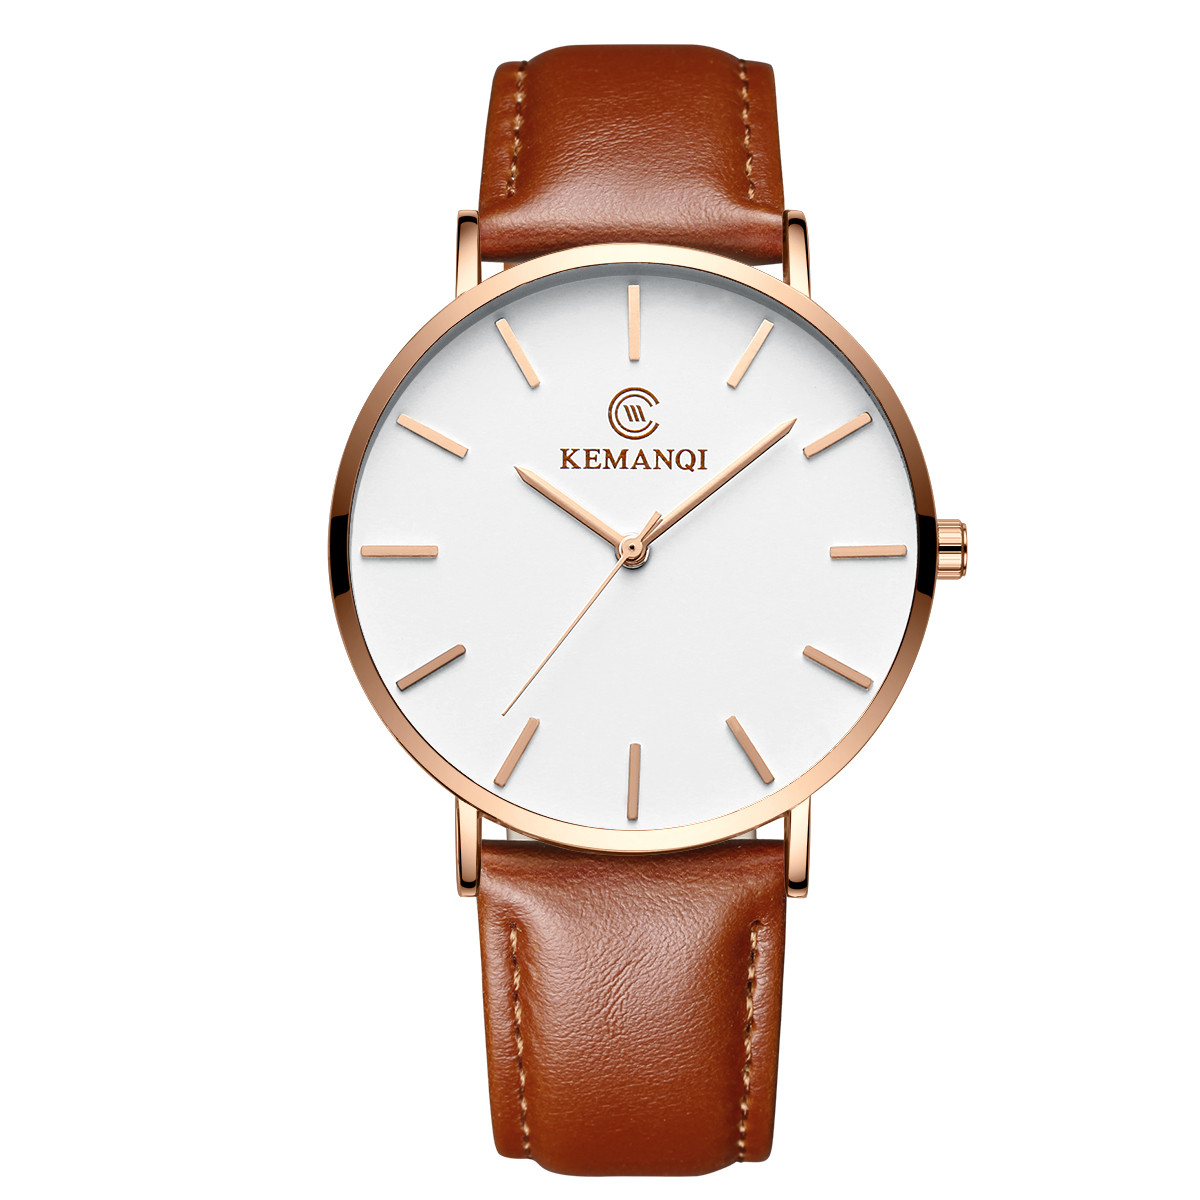 Мужские ультратонкие кварцевые часы Kemanqi, роскошные деловые простые кожаные часы для мужчин, 7 мм